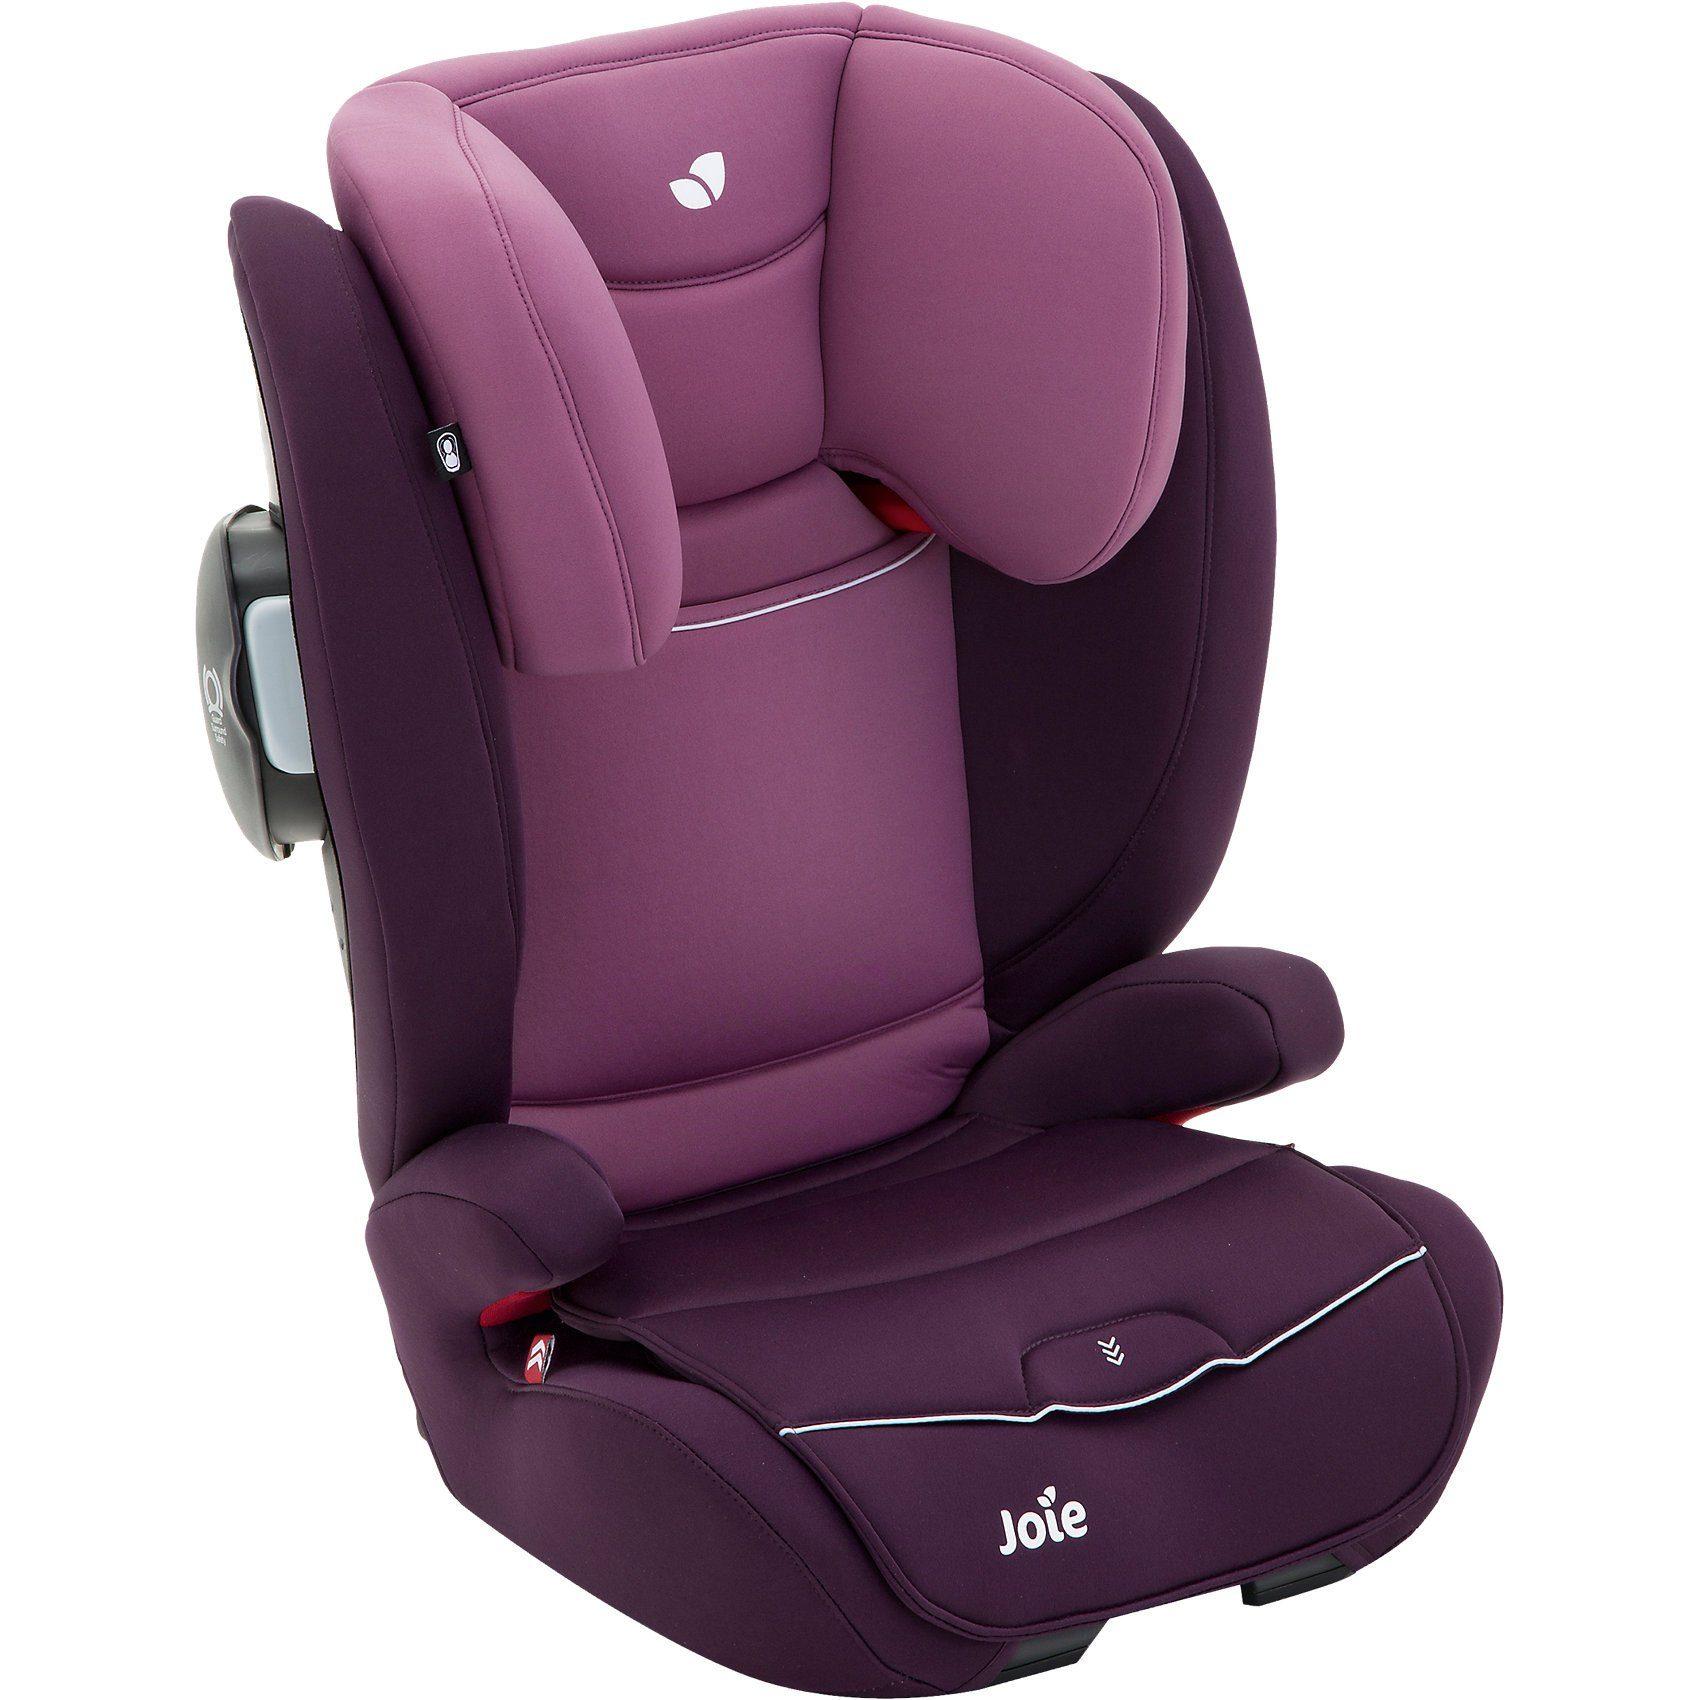 Joie Auto-Kindersitz Duallo, Lilac